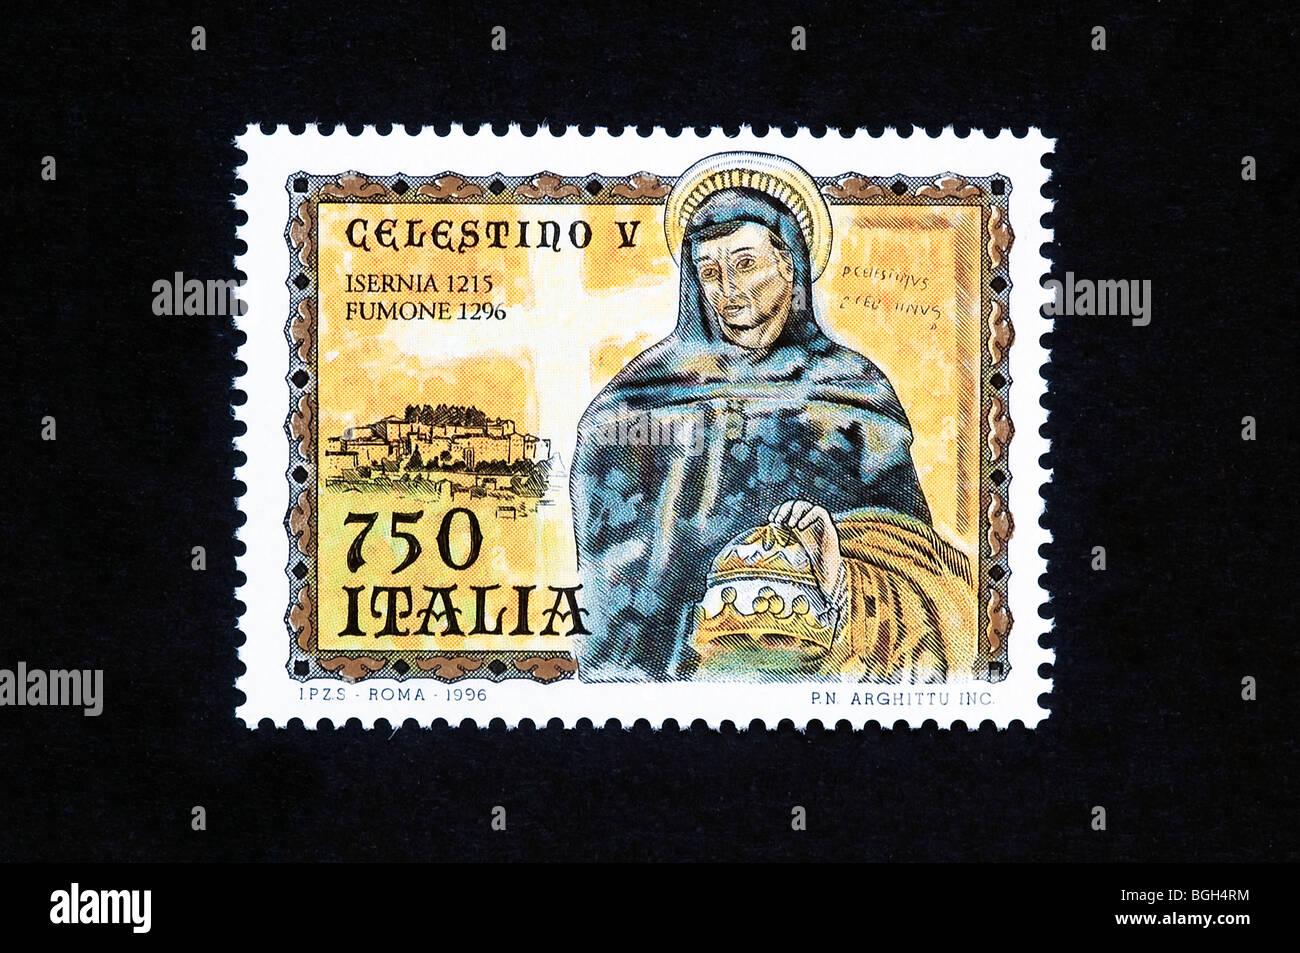 Pope Celestine V in a 1996 italian stamp - Stock Image